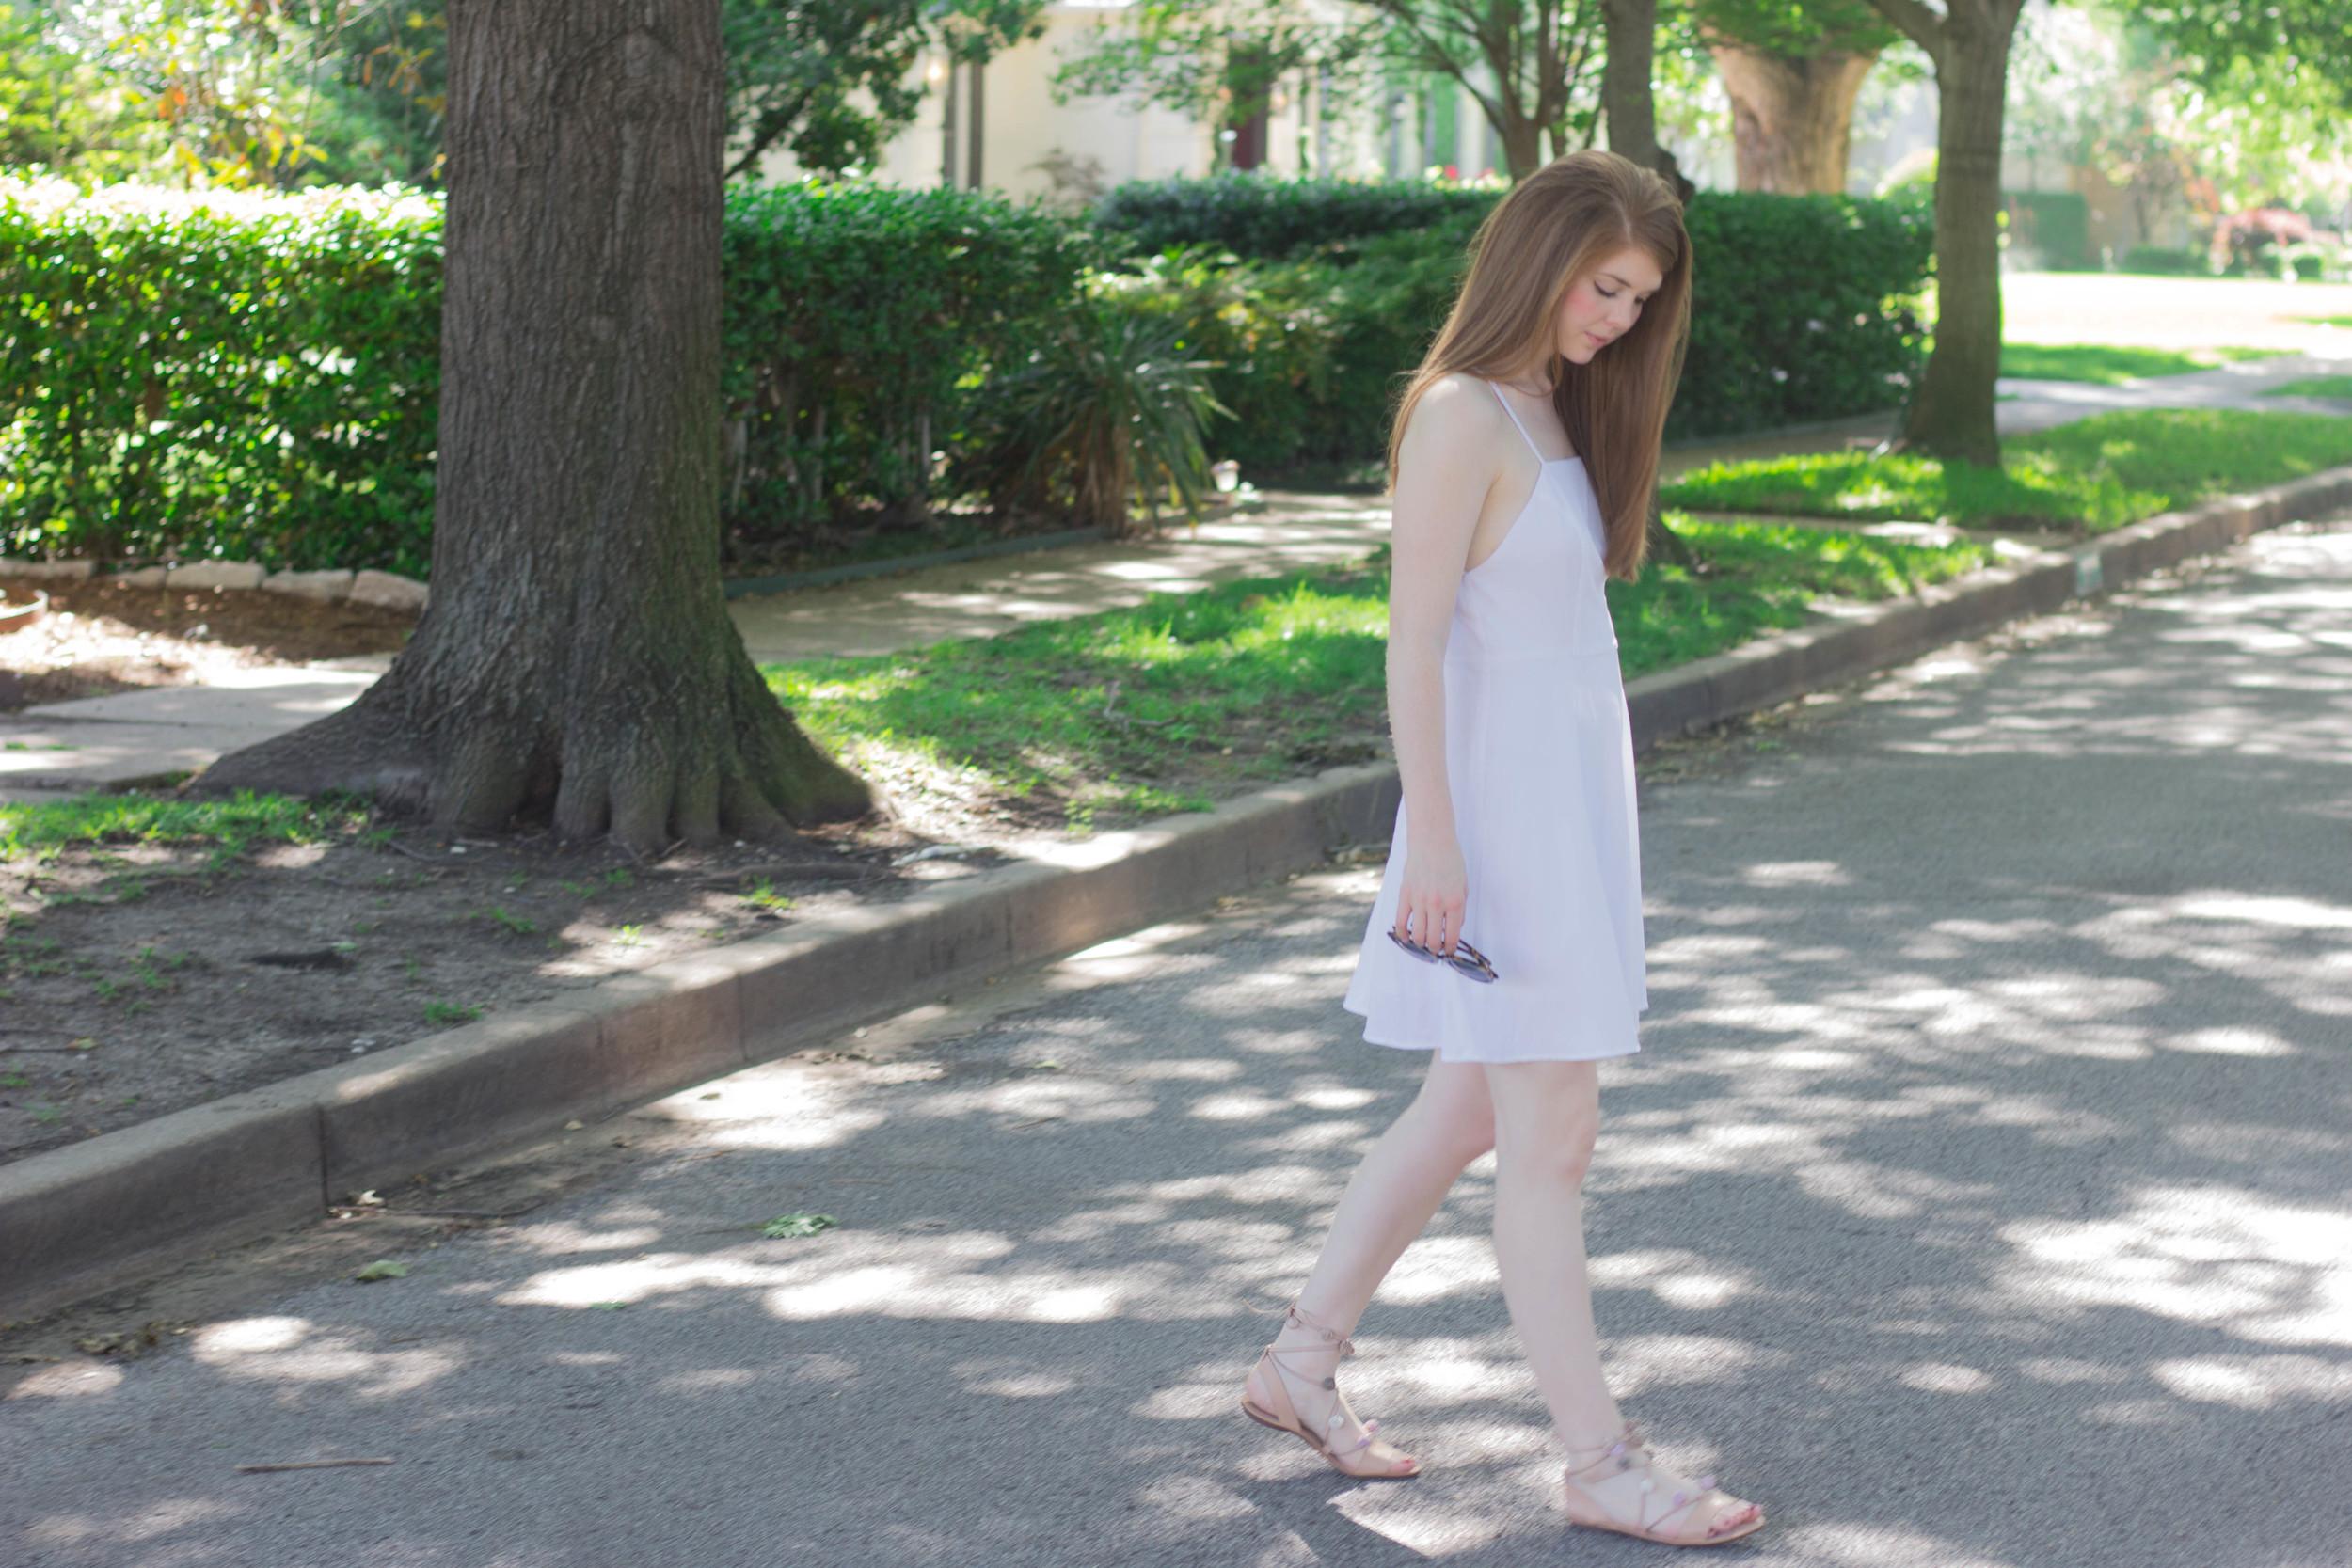 white sundress, loeffler randall saskia pom pom ankle tie lace up sandals, how to shop trends smart, trends, karen walker super sunglasses, kendra scott lauren earrings